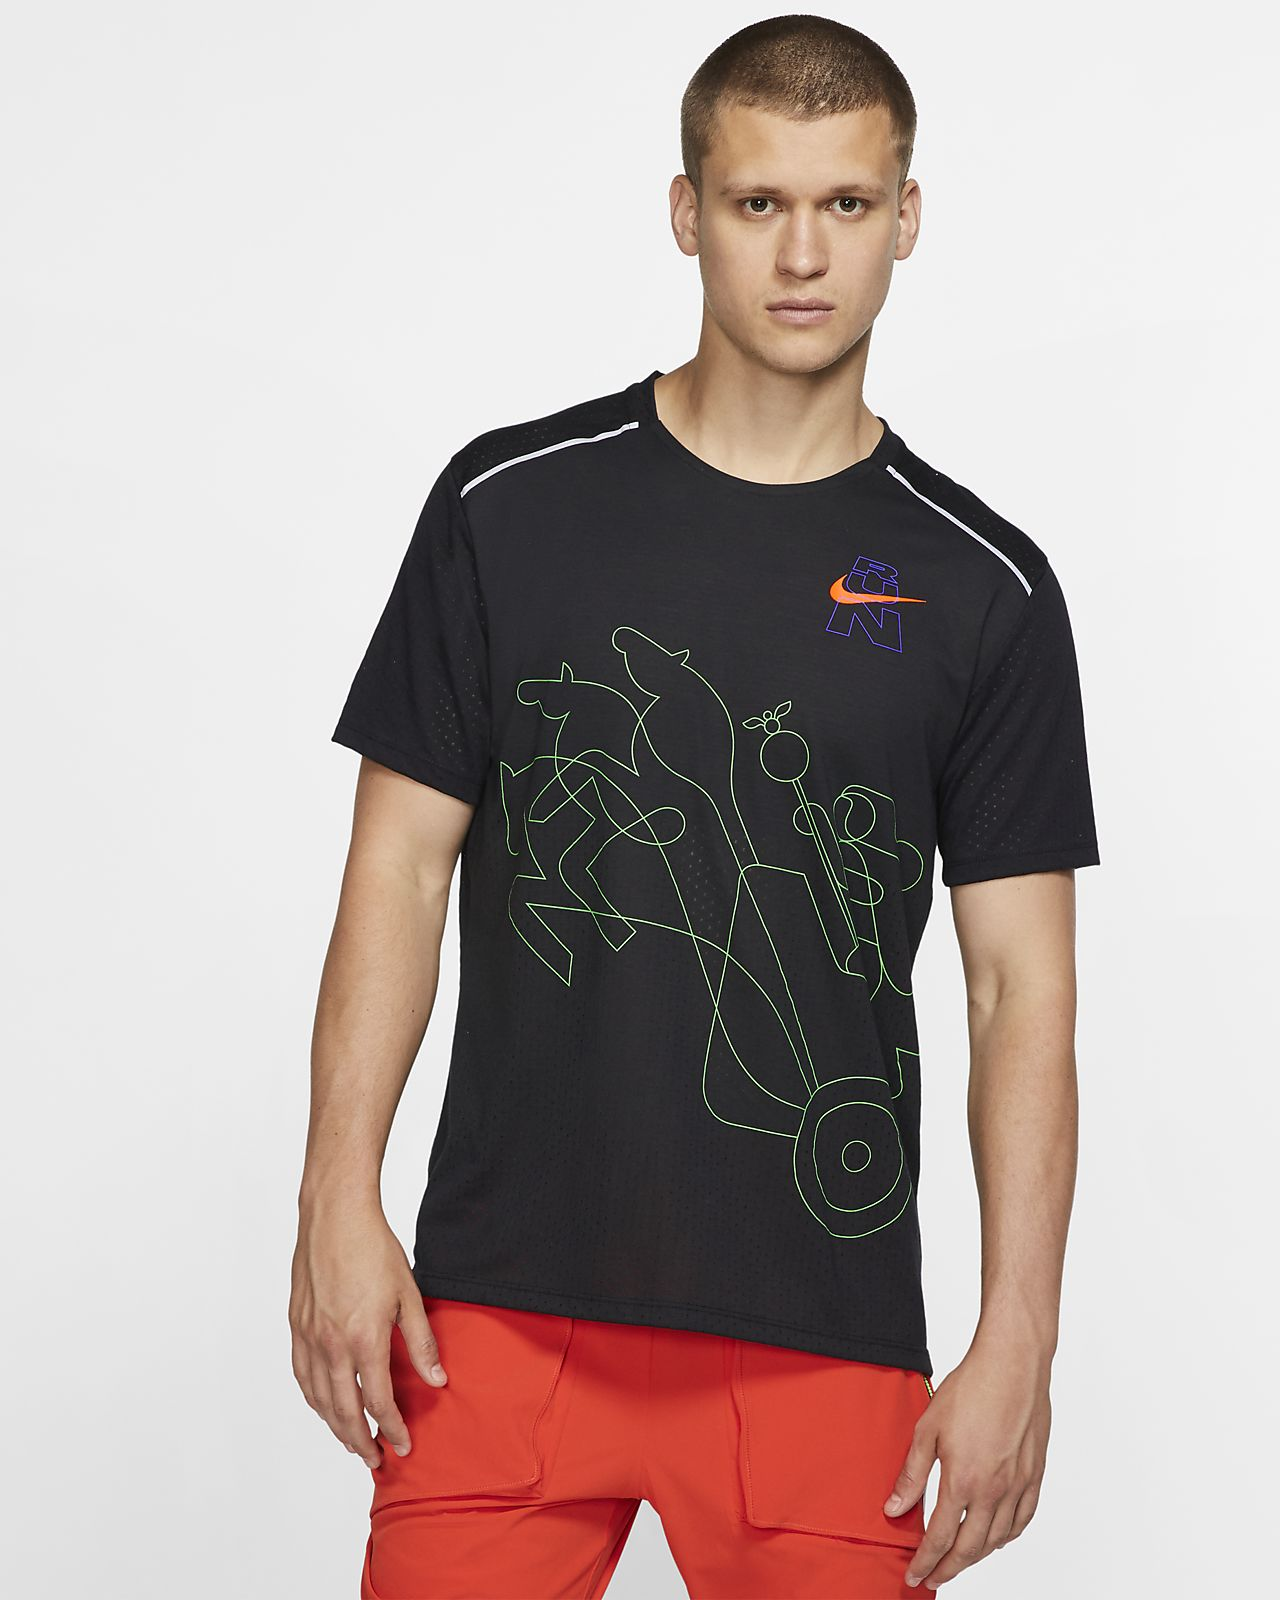 Ανδρική κοντομάνικη μπλούζα για τρέξιμο Nike Rise 365 Berlin